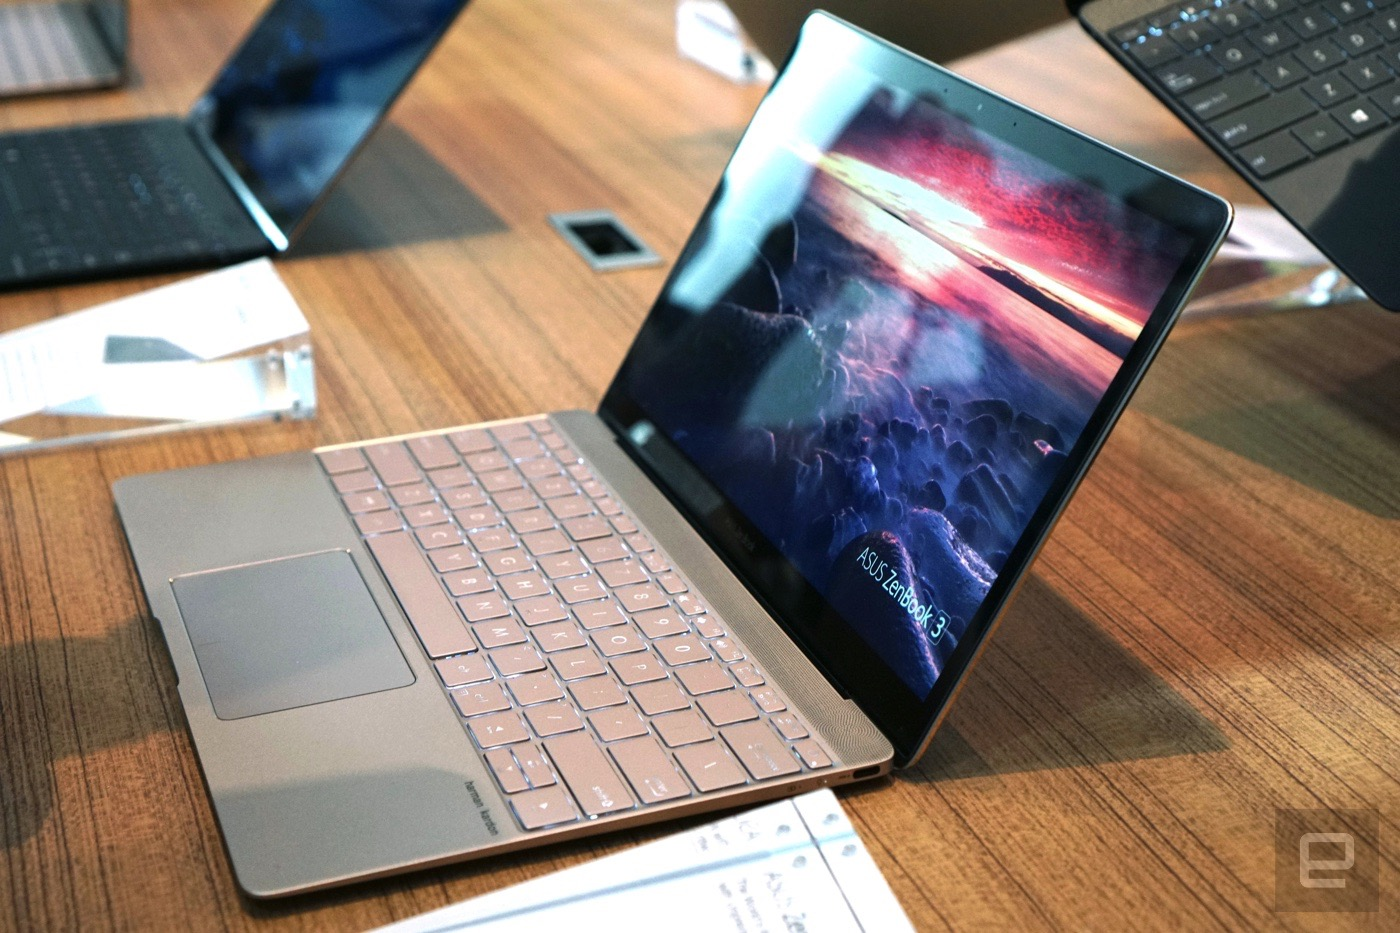 Mẫu máy tính xách tay ZenBook 3 được đánh giá rất cao bởi thiết kế và cấu hình mạnh mẽ